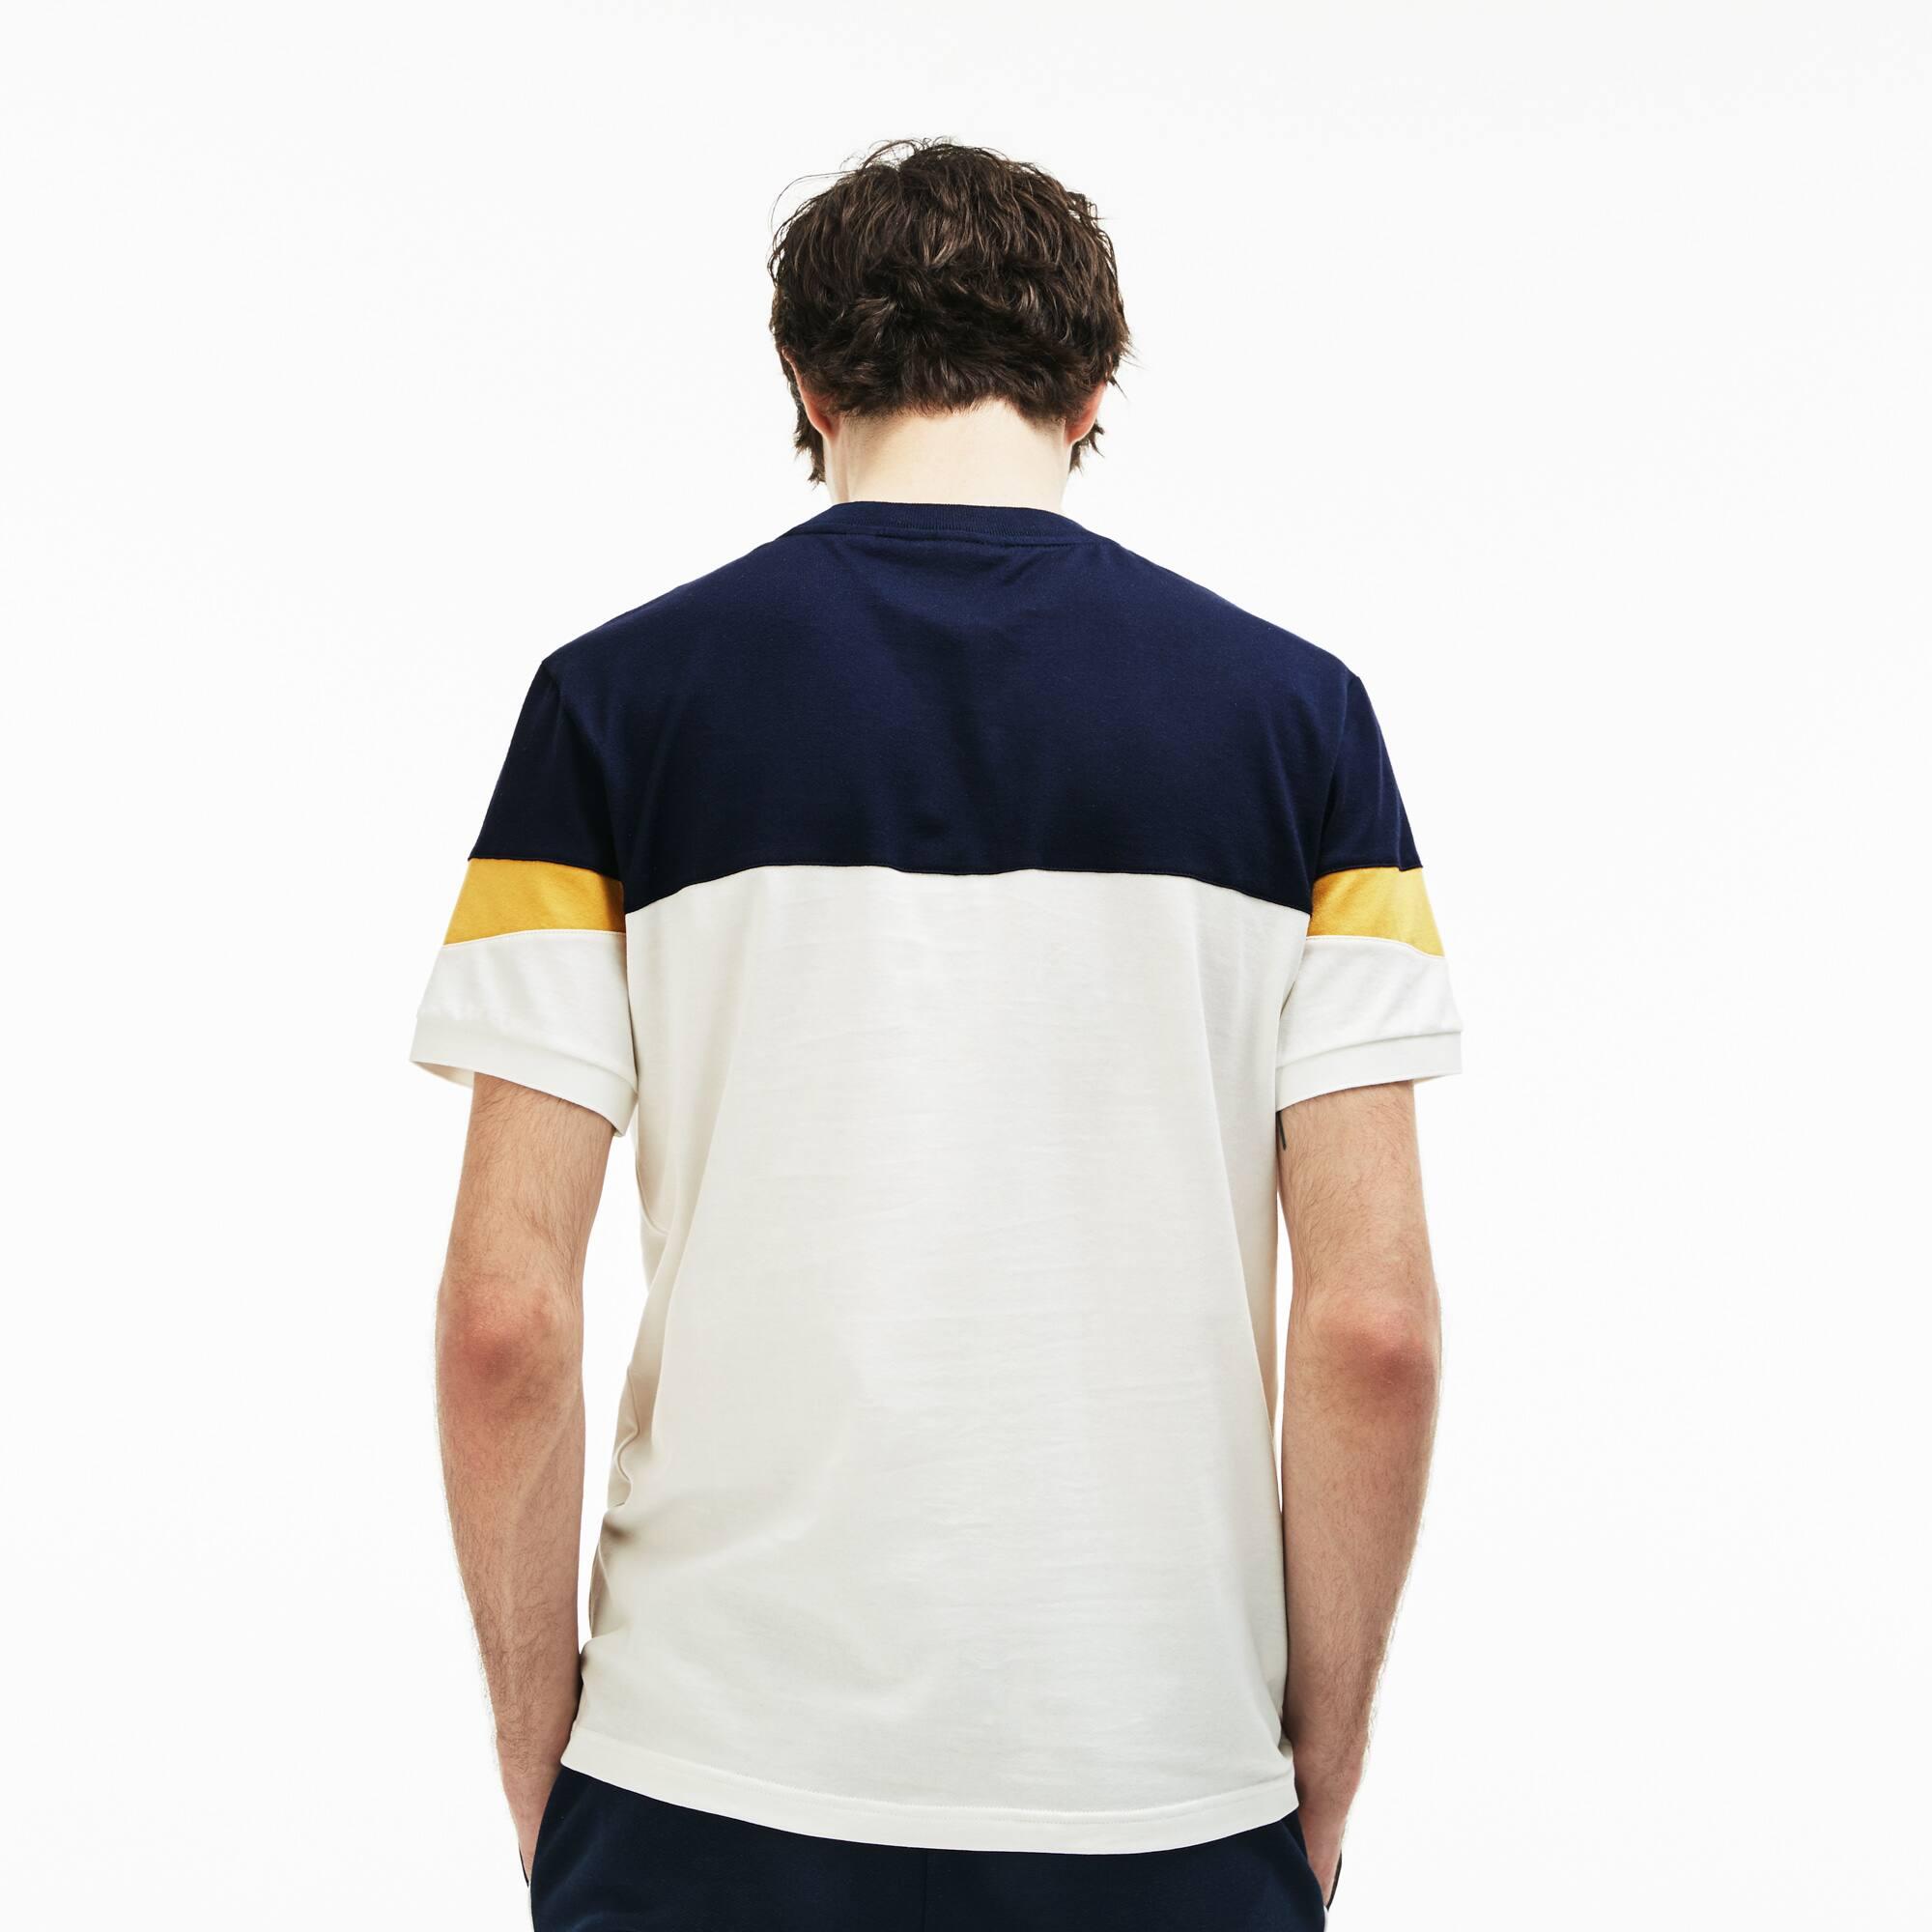 Lacoste - Herren Rundhals-Shirt aus Jersey im Colorblock-Design - 3